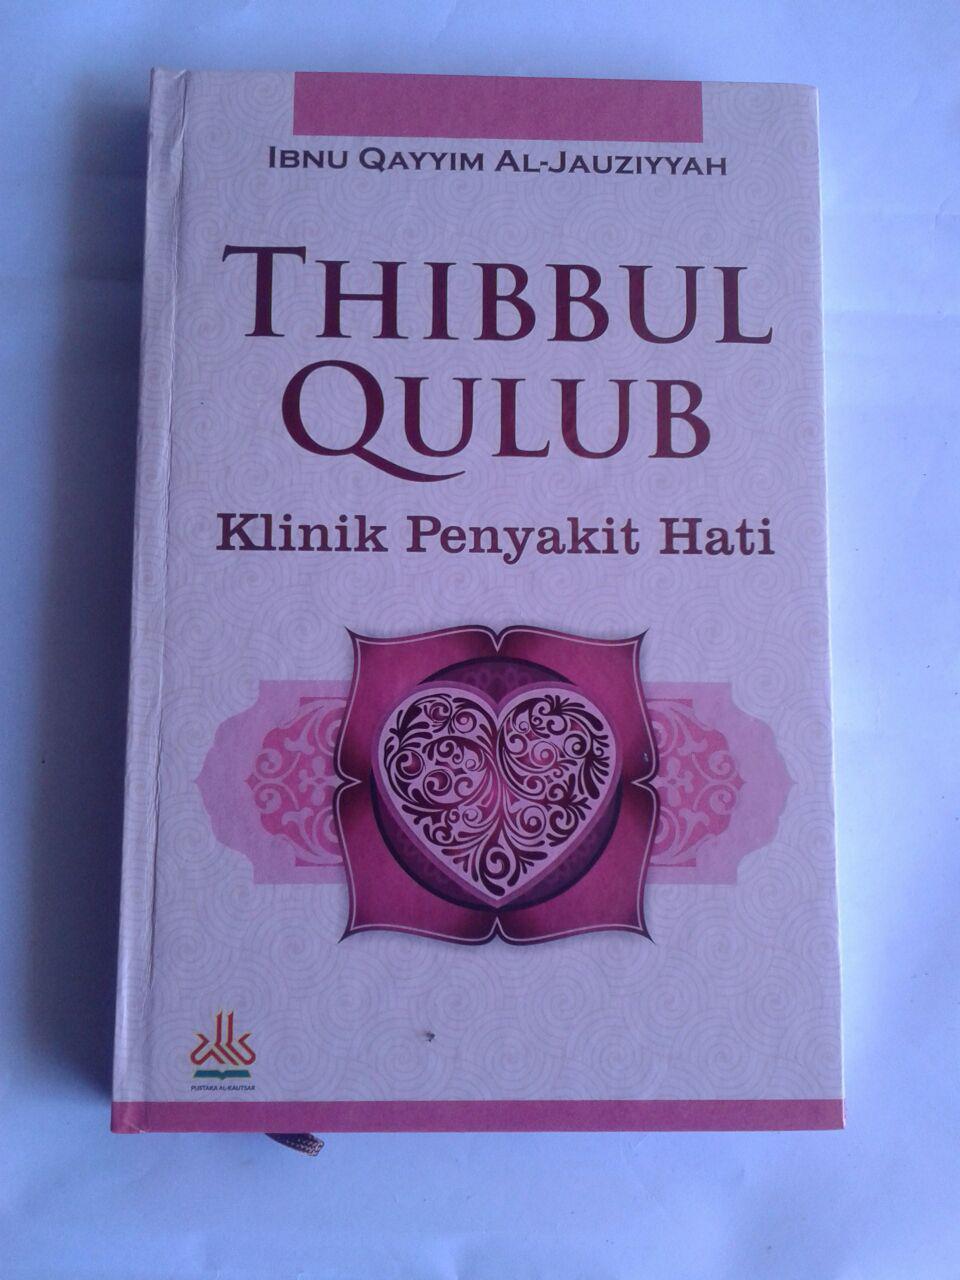 Buku Thibbul Qulub Klinik Penyakit Hati cover 2